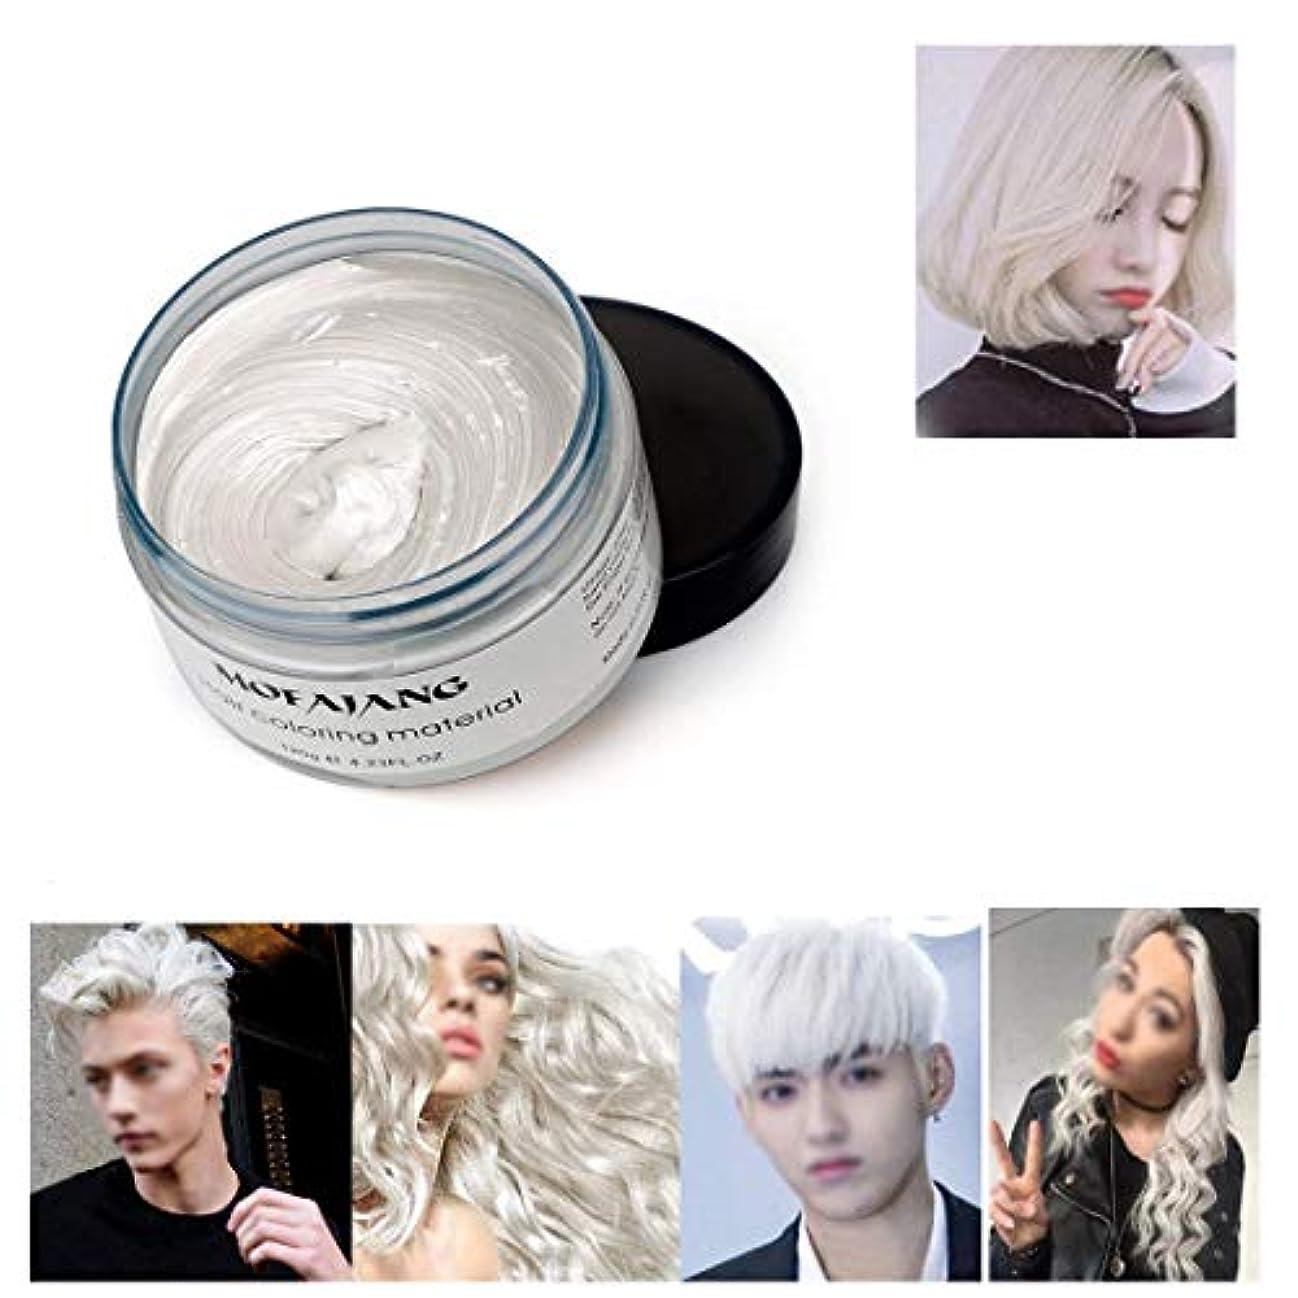 世辞あなたはクリック髪色ワックス,一度だけ一時的に自然色染料ヘアワックスをモデリング,パーティーのための自然なマット髪型。コスプレ、仮装、ナイトクラブ、ハロウィーン (ホワイト)